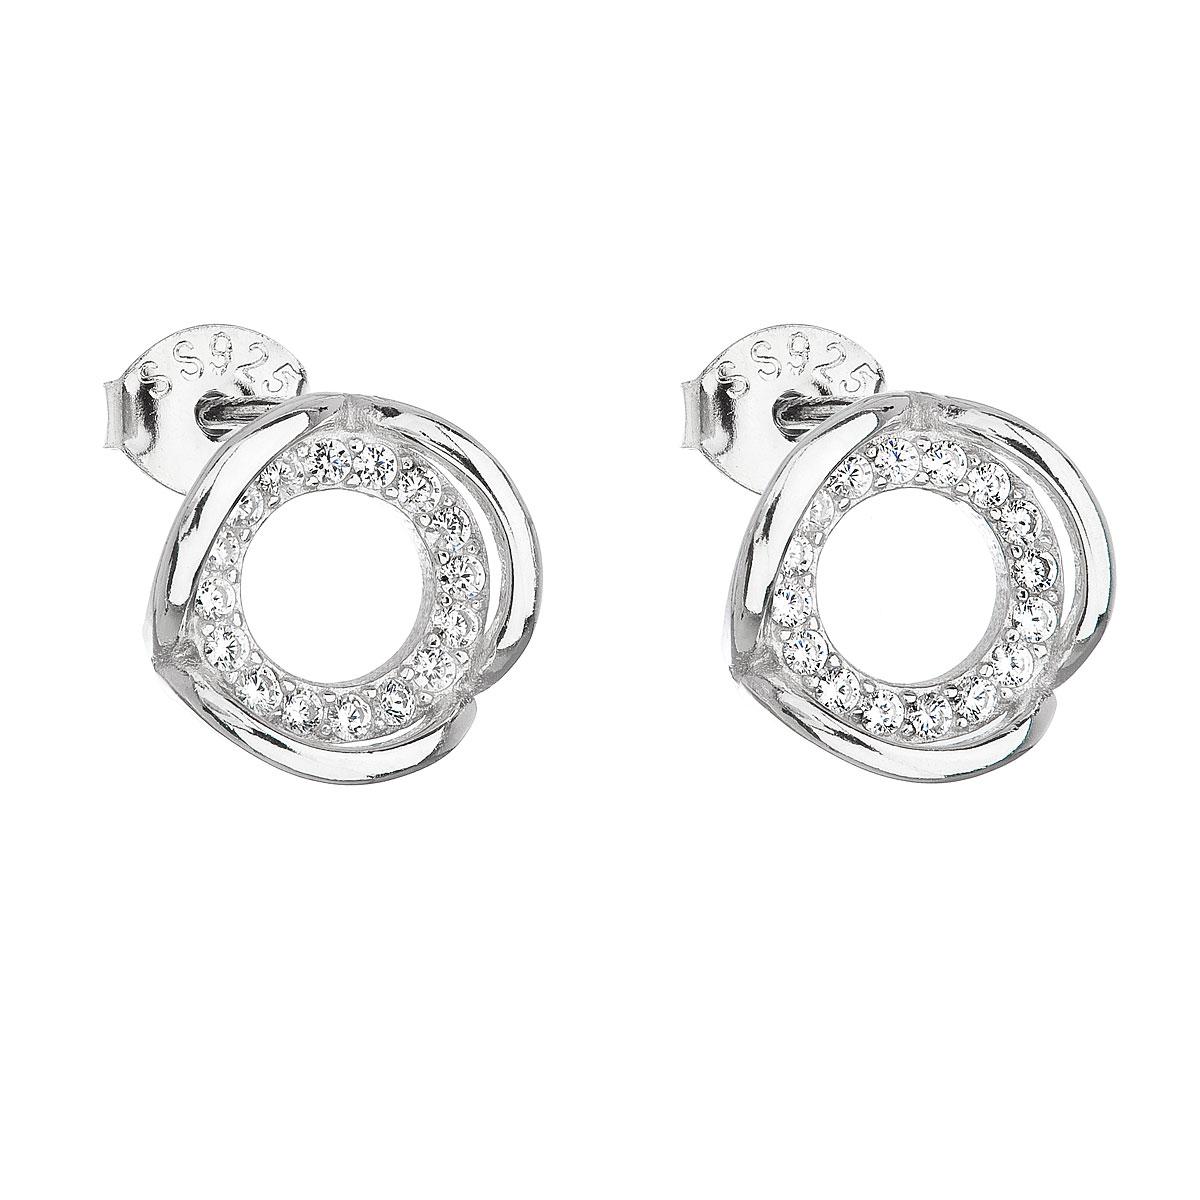 Strieborné náušnice perličky so zirkónom biely kruh 11116.1